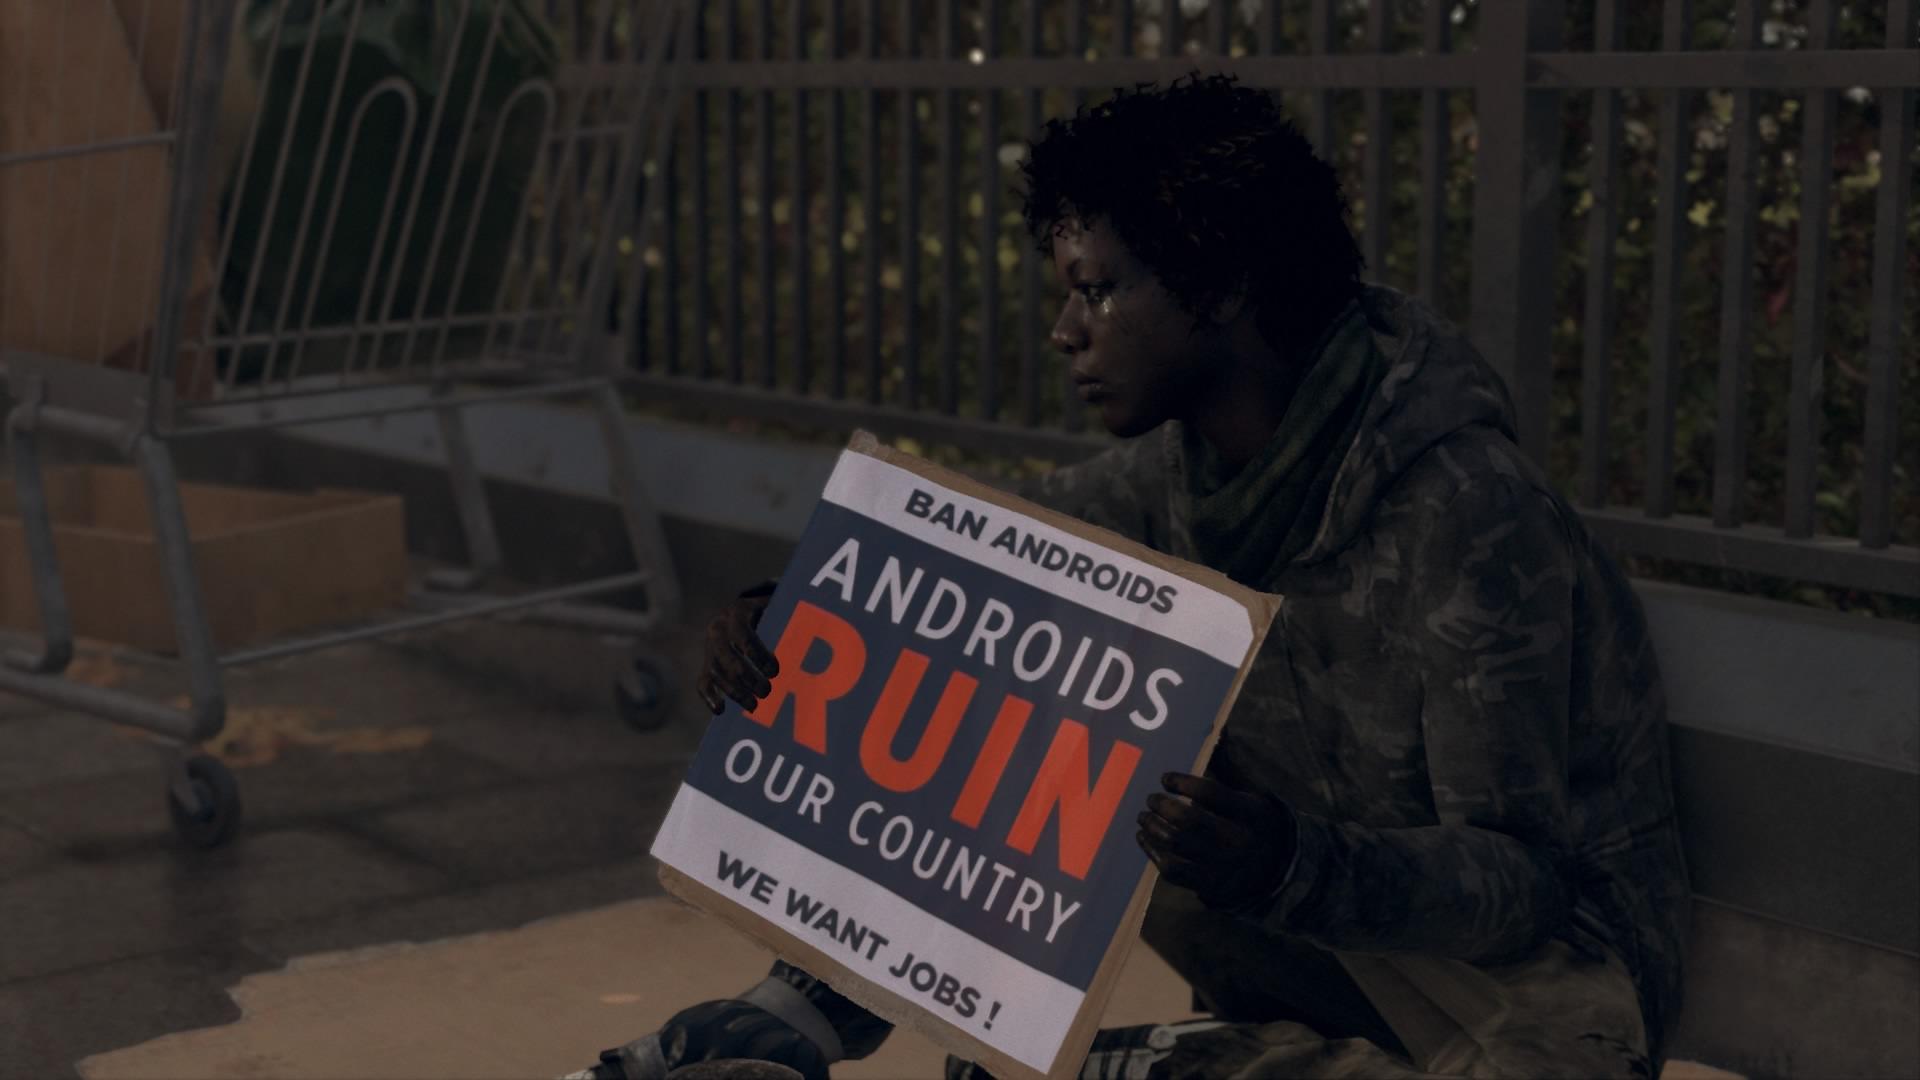 Le plus difficile c'est de savoir si ton ORP est un android ou pas…